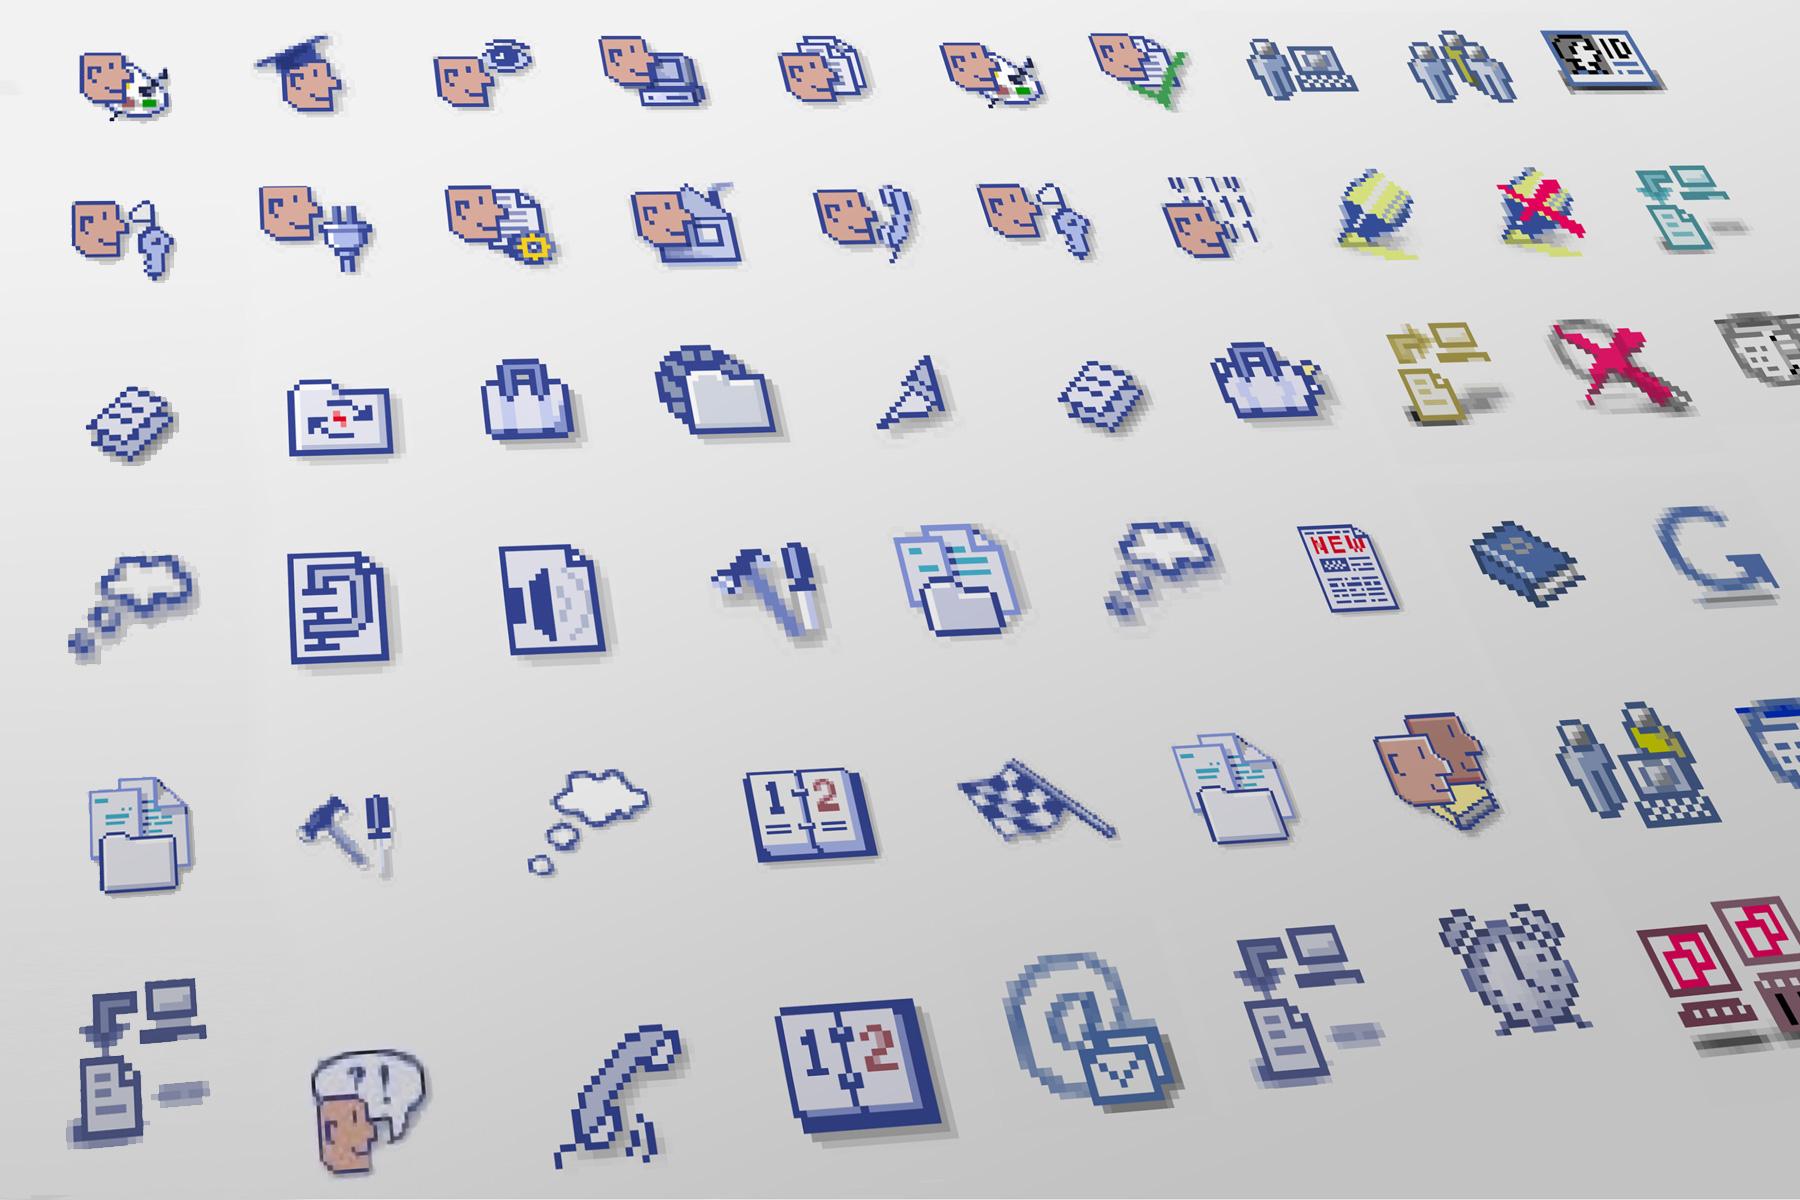 Icons für eLearning-Umgebung